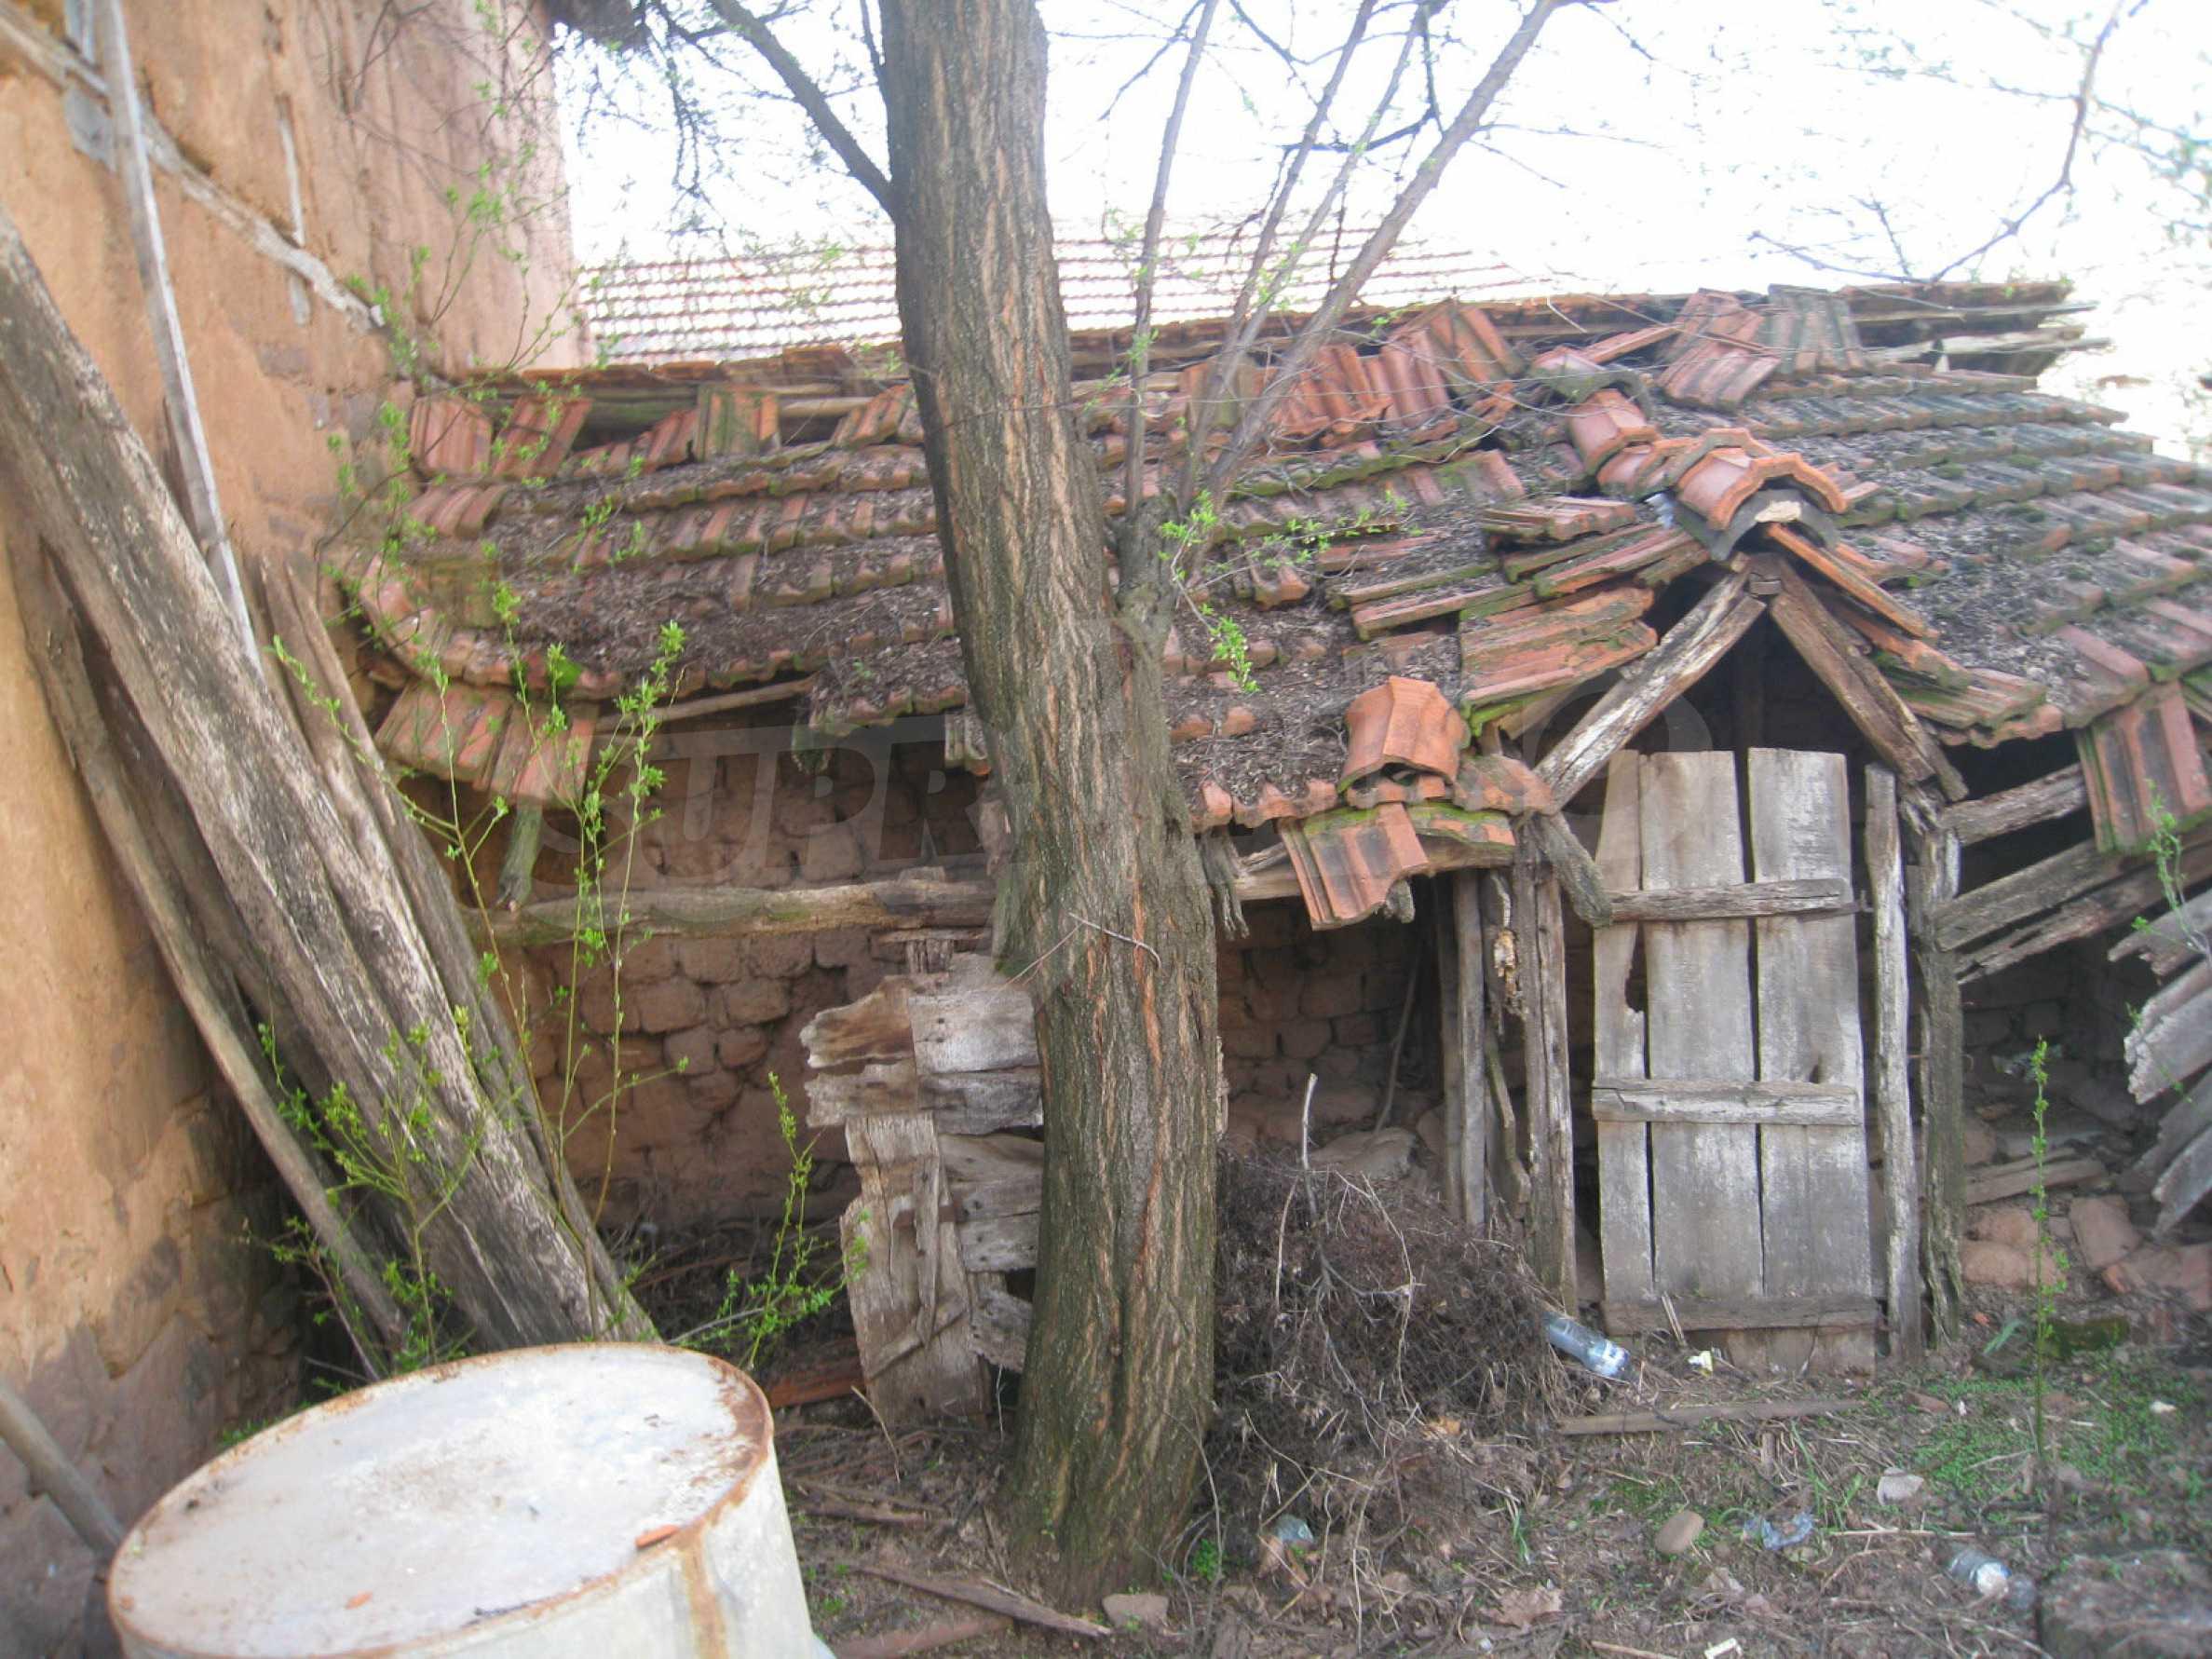 Ein Haus mit einem Garten im Zentrum eines entwickelten Dorfes in der Nähe von Montana 25